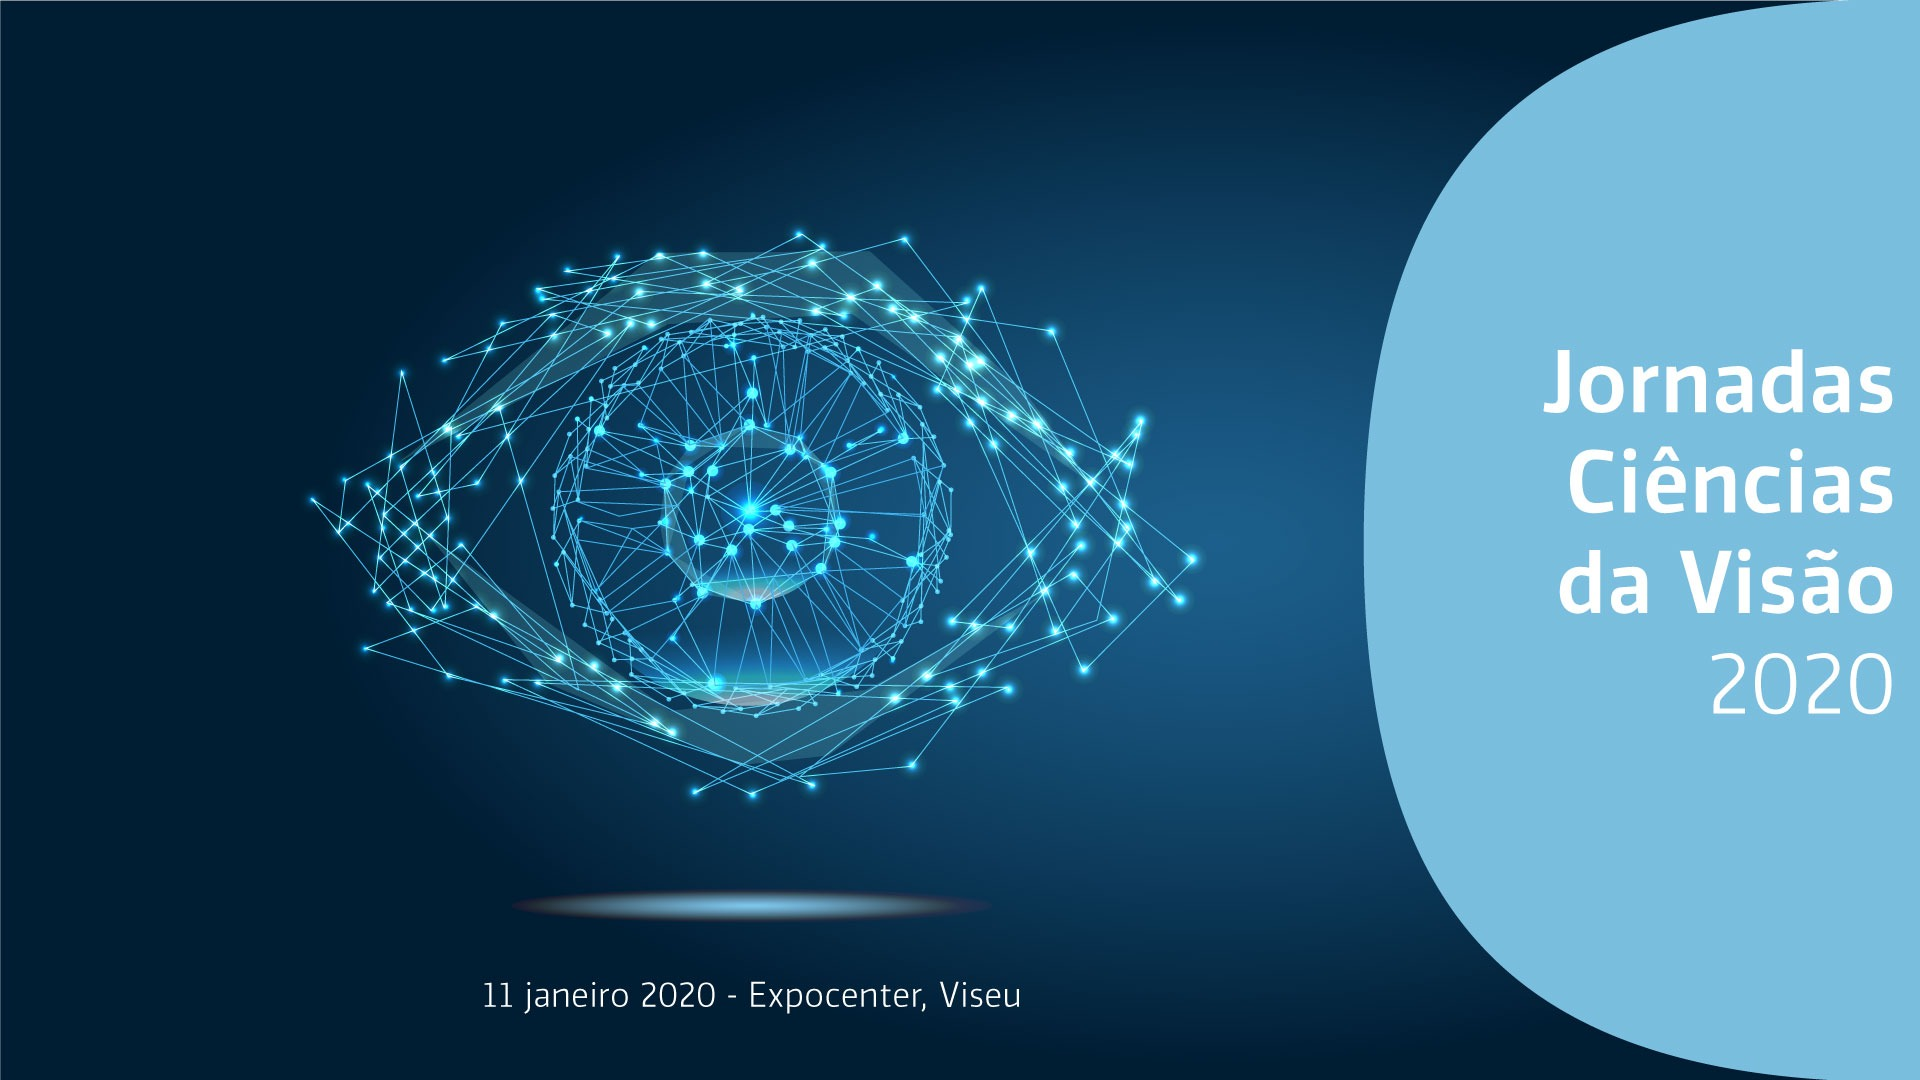 Imagem da notícia: Dr. Ergo organiza Jornadas Ciências da Visão 2020